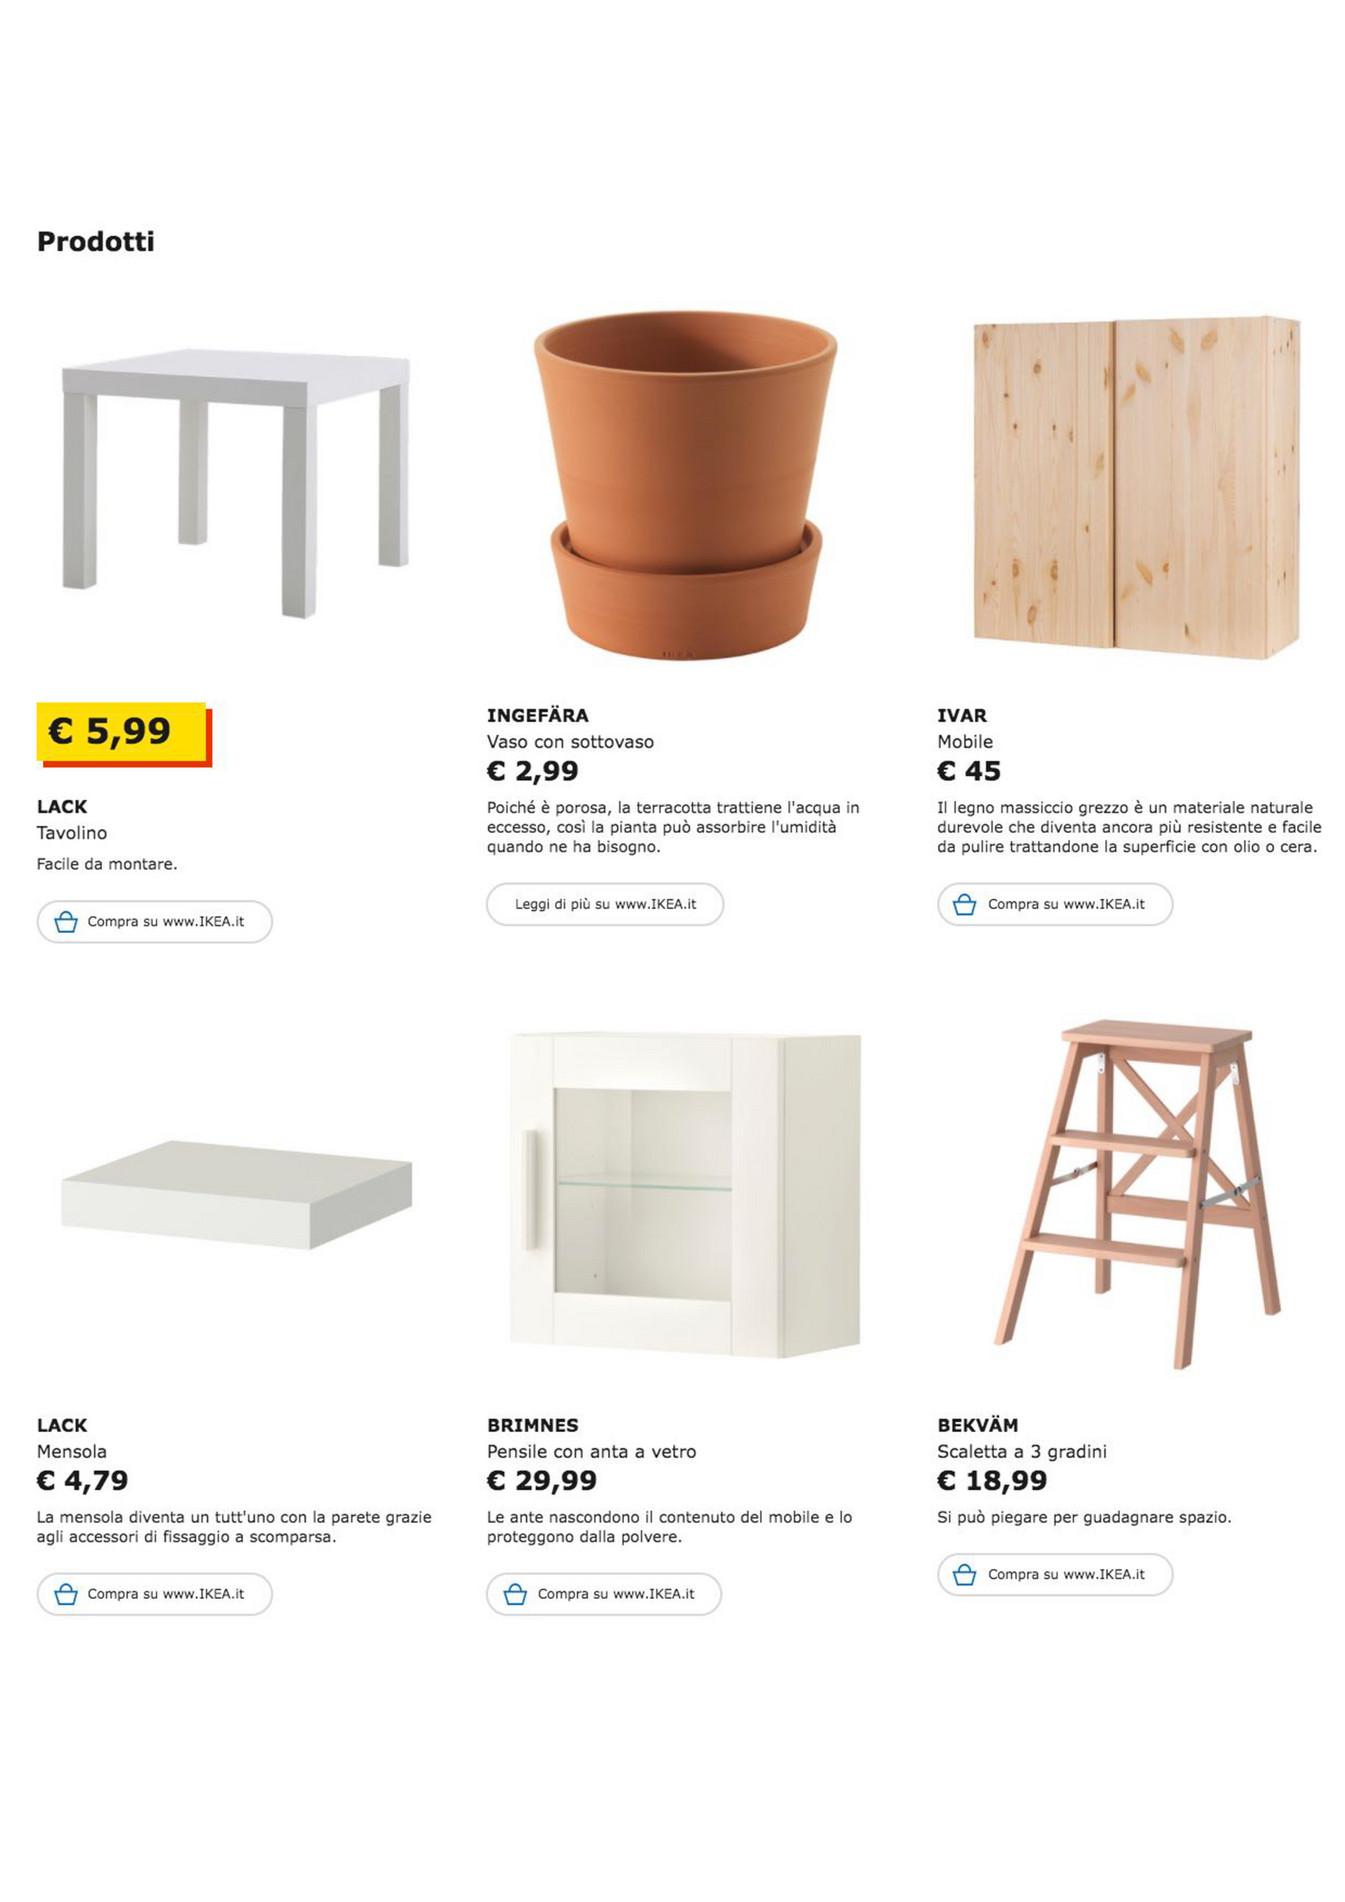 VolantinoFacile - Catalogo Ikea 2018 - Pagina 26-27